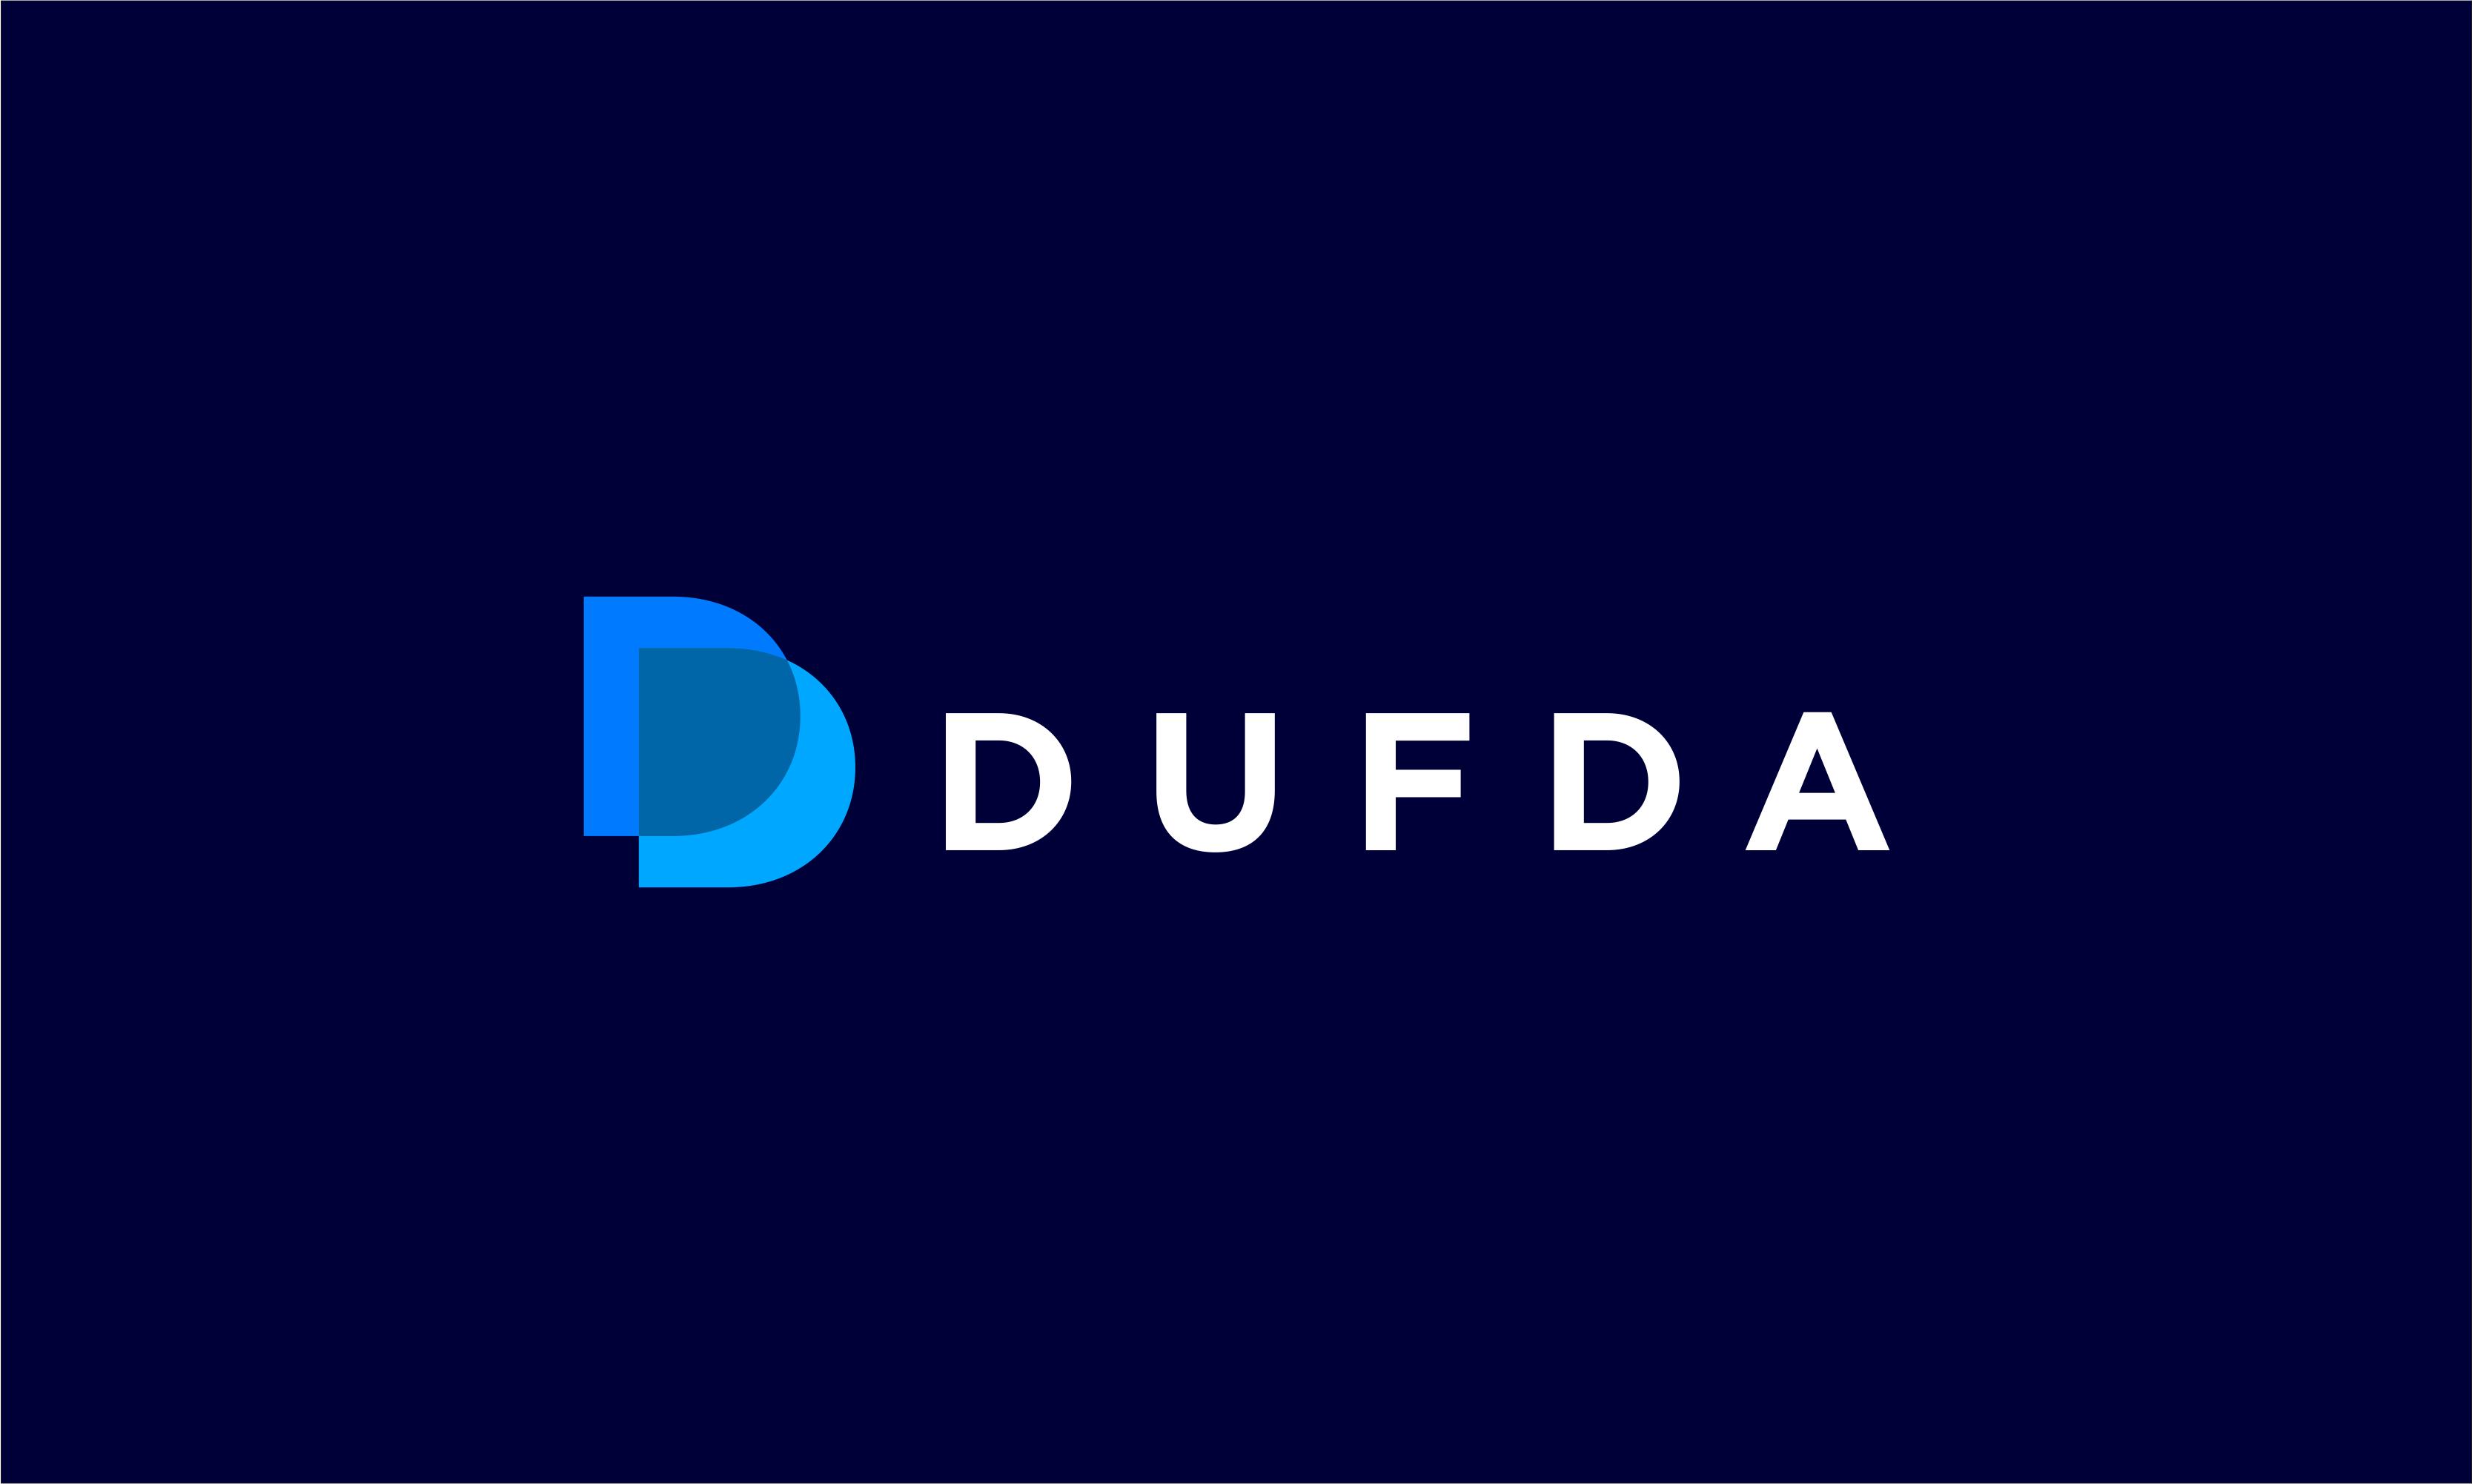 Dufda